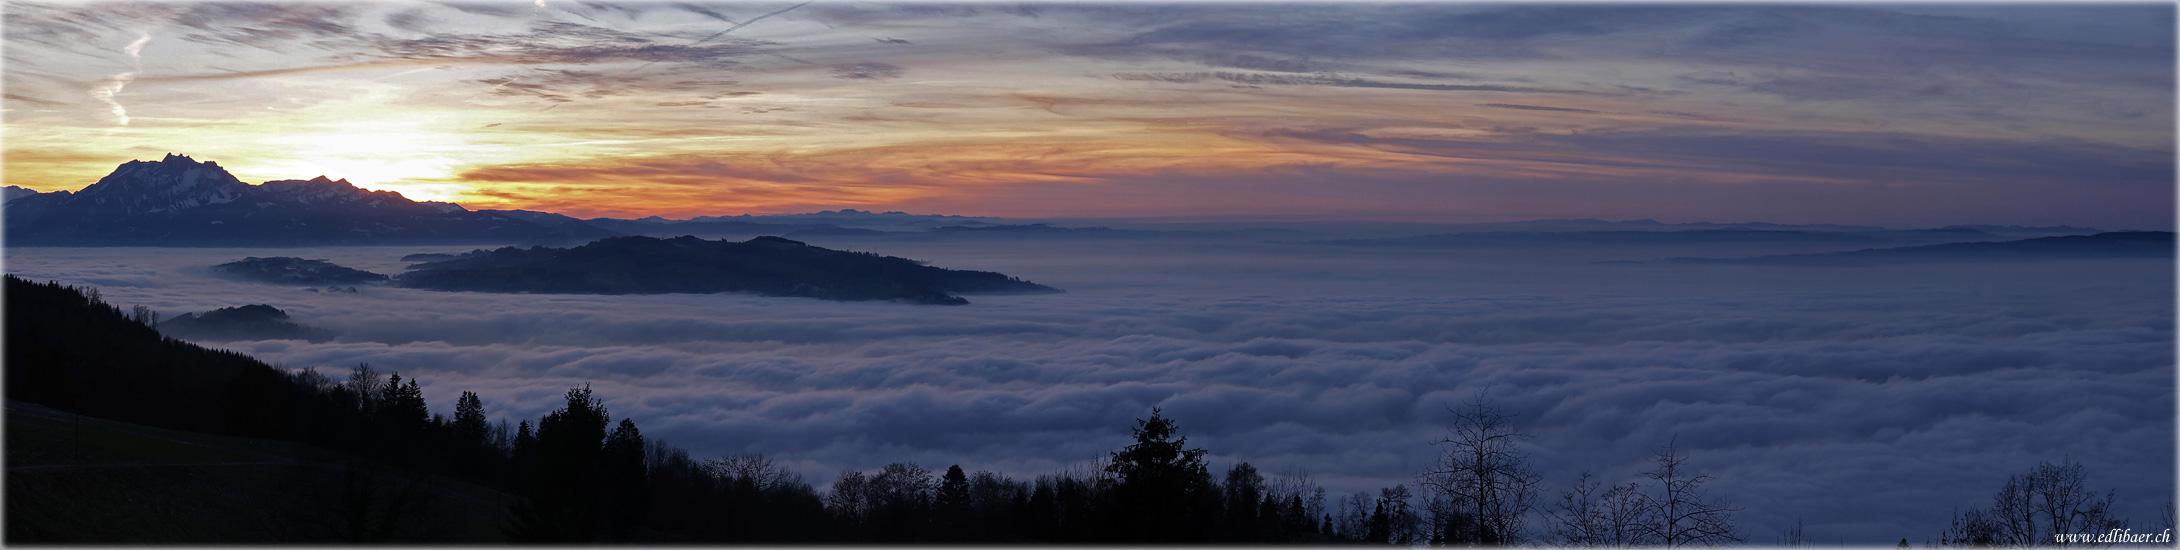 Mt. Pilatus (Central Switzerland)